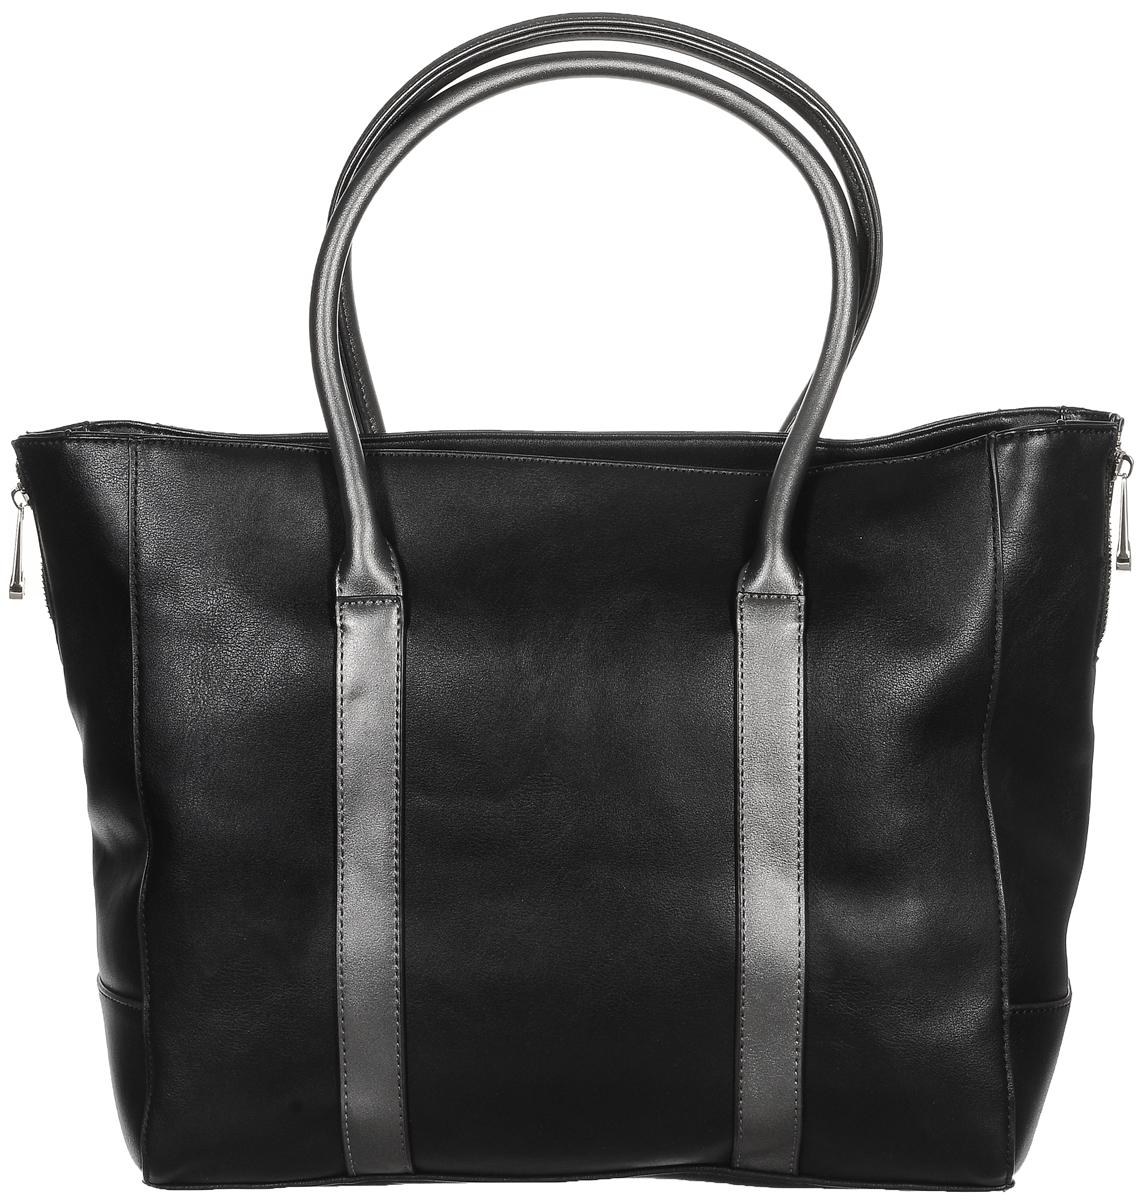 Сумка женская Renee Kler, цвет: черный, серый. RK121-01859425-002Изысканная женская сумка Renee Kler, изготовленная из искусственной кожи, оформлена декоративными молниями по бокам. Изделие имеет одно основное отделение и закрывается на удобную застежку-молнию. Внутри расположены два накладных открытых кармана, прорезной карман на застежке-молнии и накладной карман с отделением на застежке-молнии. Снаружи, на задней стенке находится прорезной карман на застежке-молнии. Сумка оснащена двумя удобными ручками.Роскошная сумка внесет элегантные нотки в ваш образ и подчеркнет ваше отменное чувство стиля.